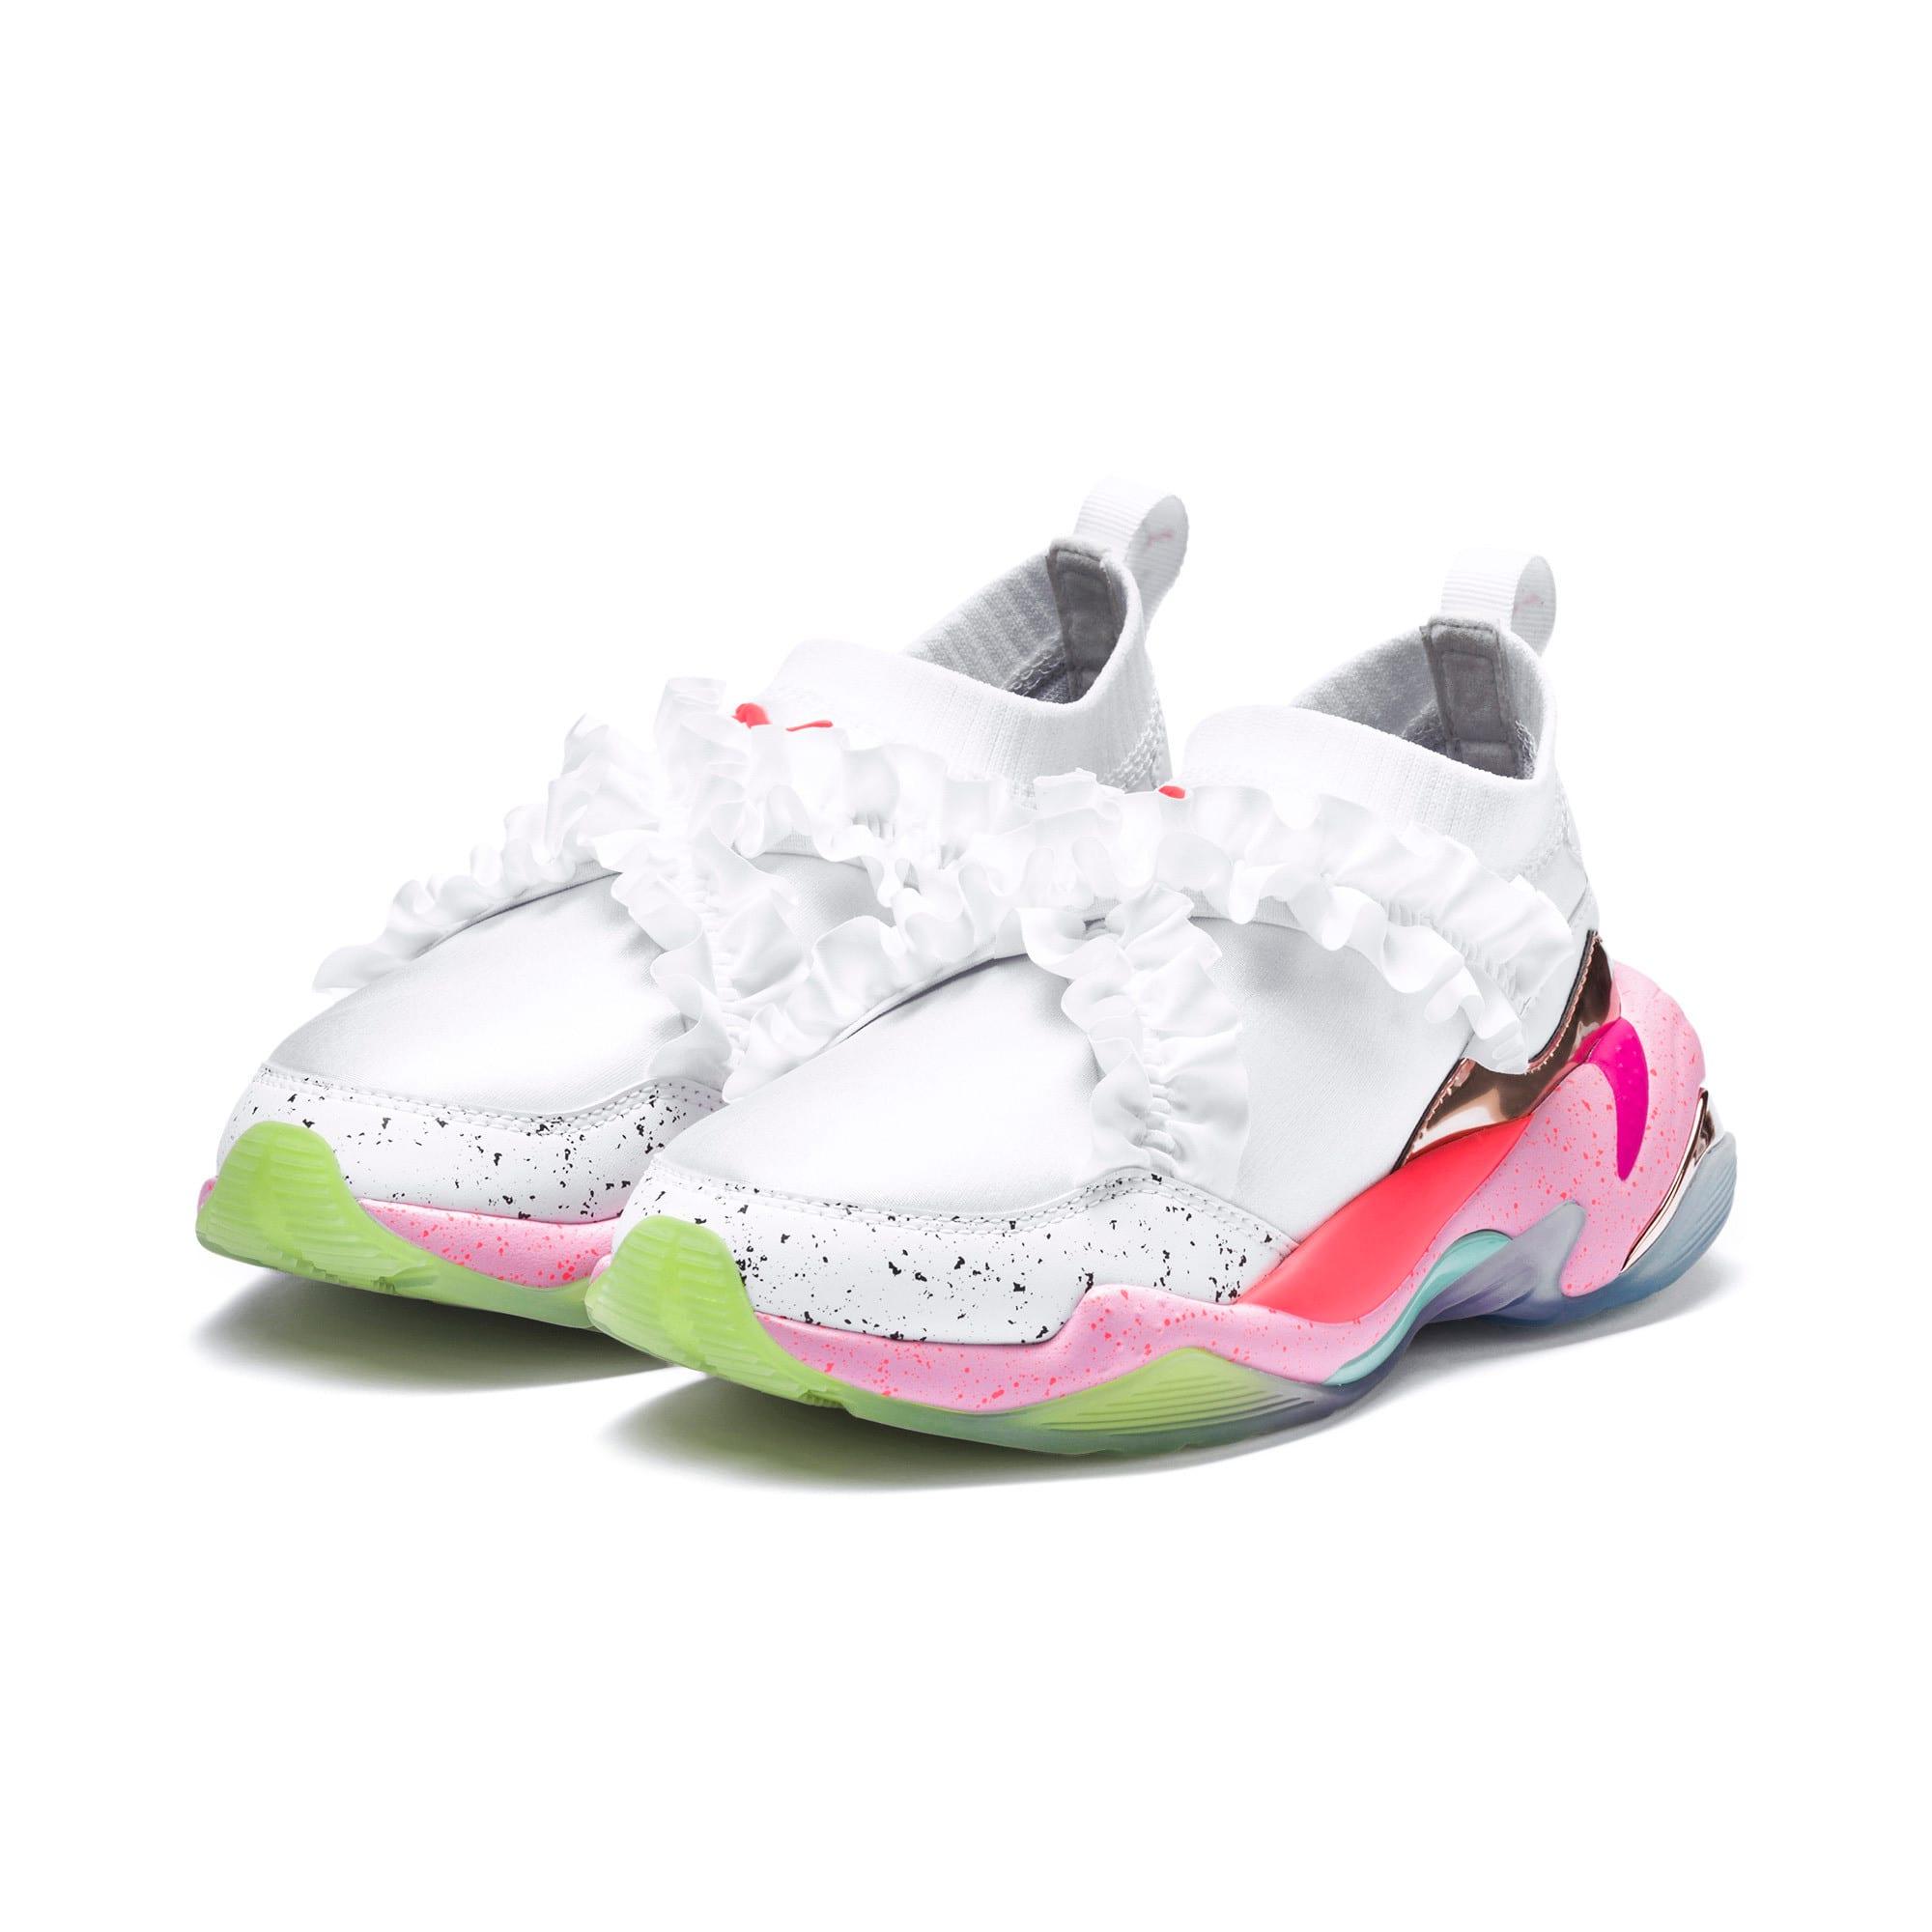 Miniatura 4 de Zapatos deportivosPUMA x SOPHIA WEBSTER Thunder de mujer, Puma White, mediano